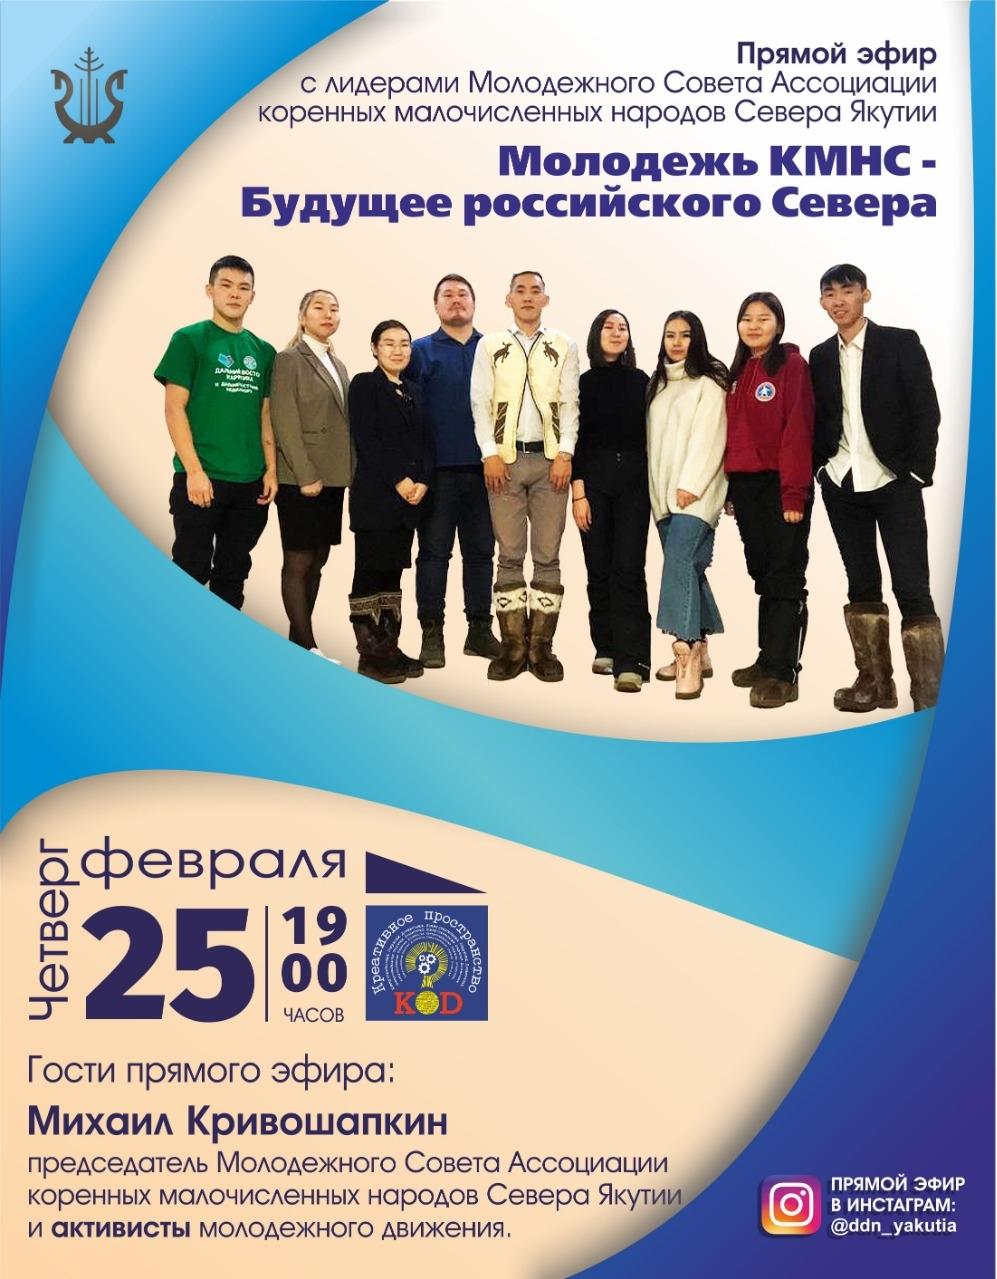 Приглашаем на прямой эфир «Молодежь КМНС – будущее российского Севера»